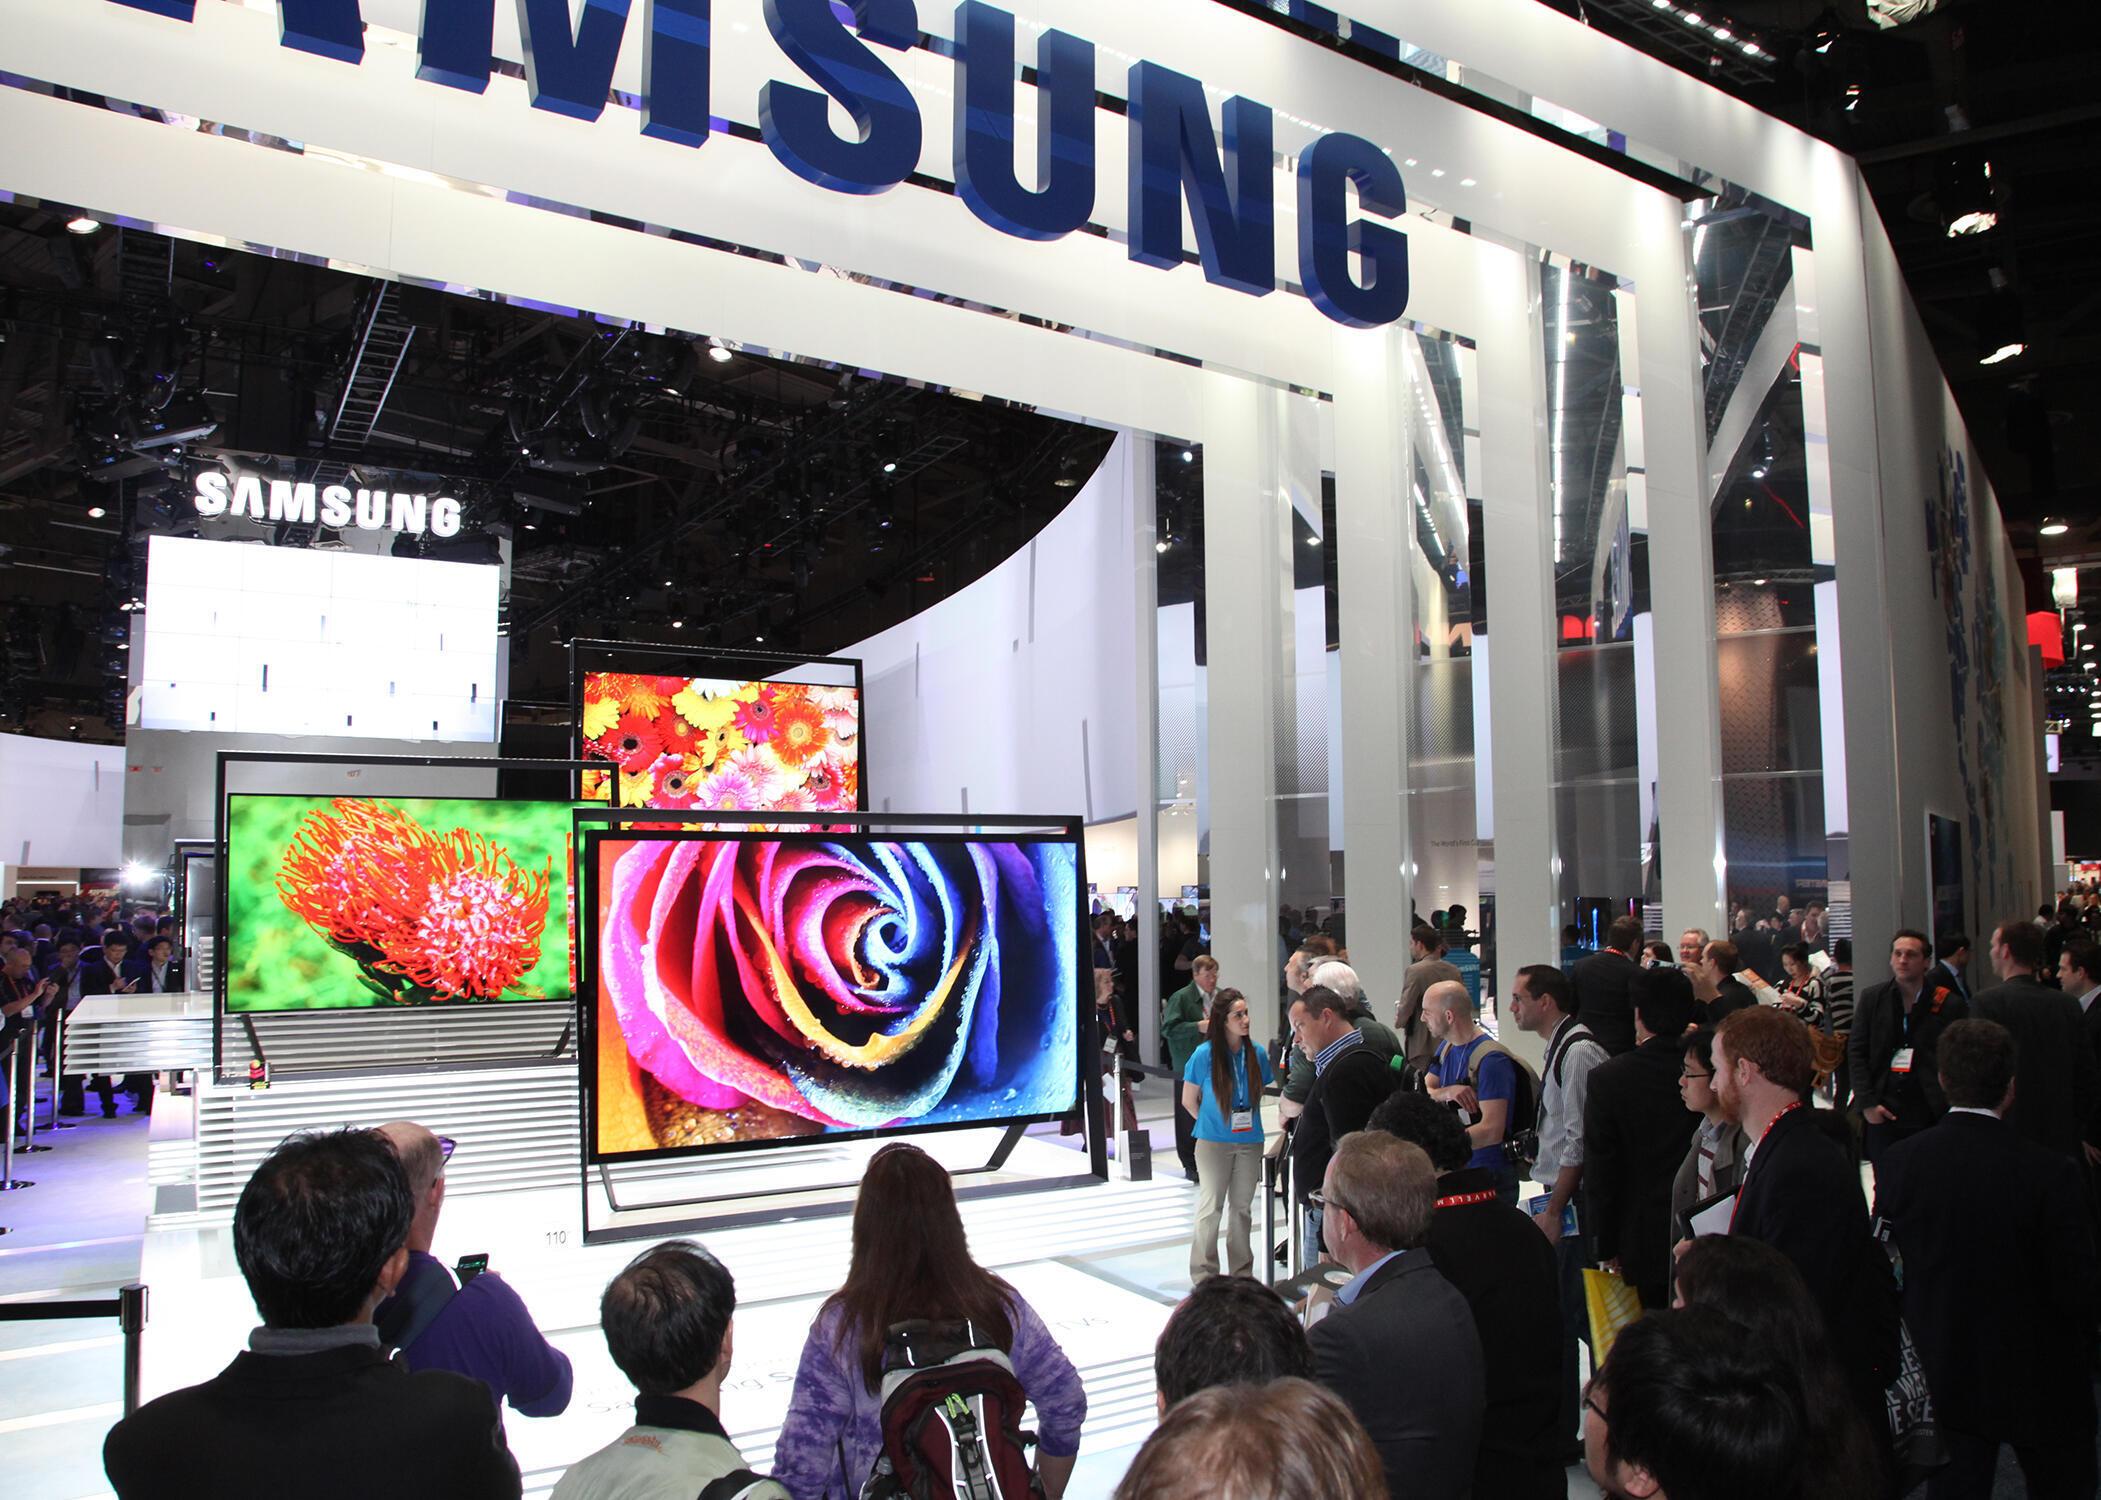 Les «smart TV» suscitent beaucoup d'interrogations sur la collecte de données privées grâce au service de reconnaissance vocale. Ici, le stand Samsung au CES 2014 de Las Vegas.